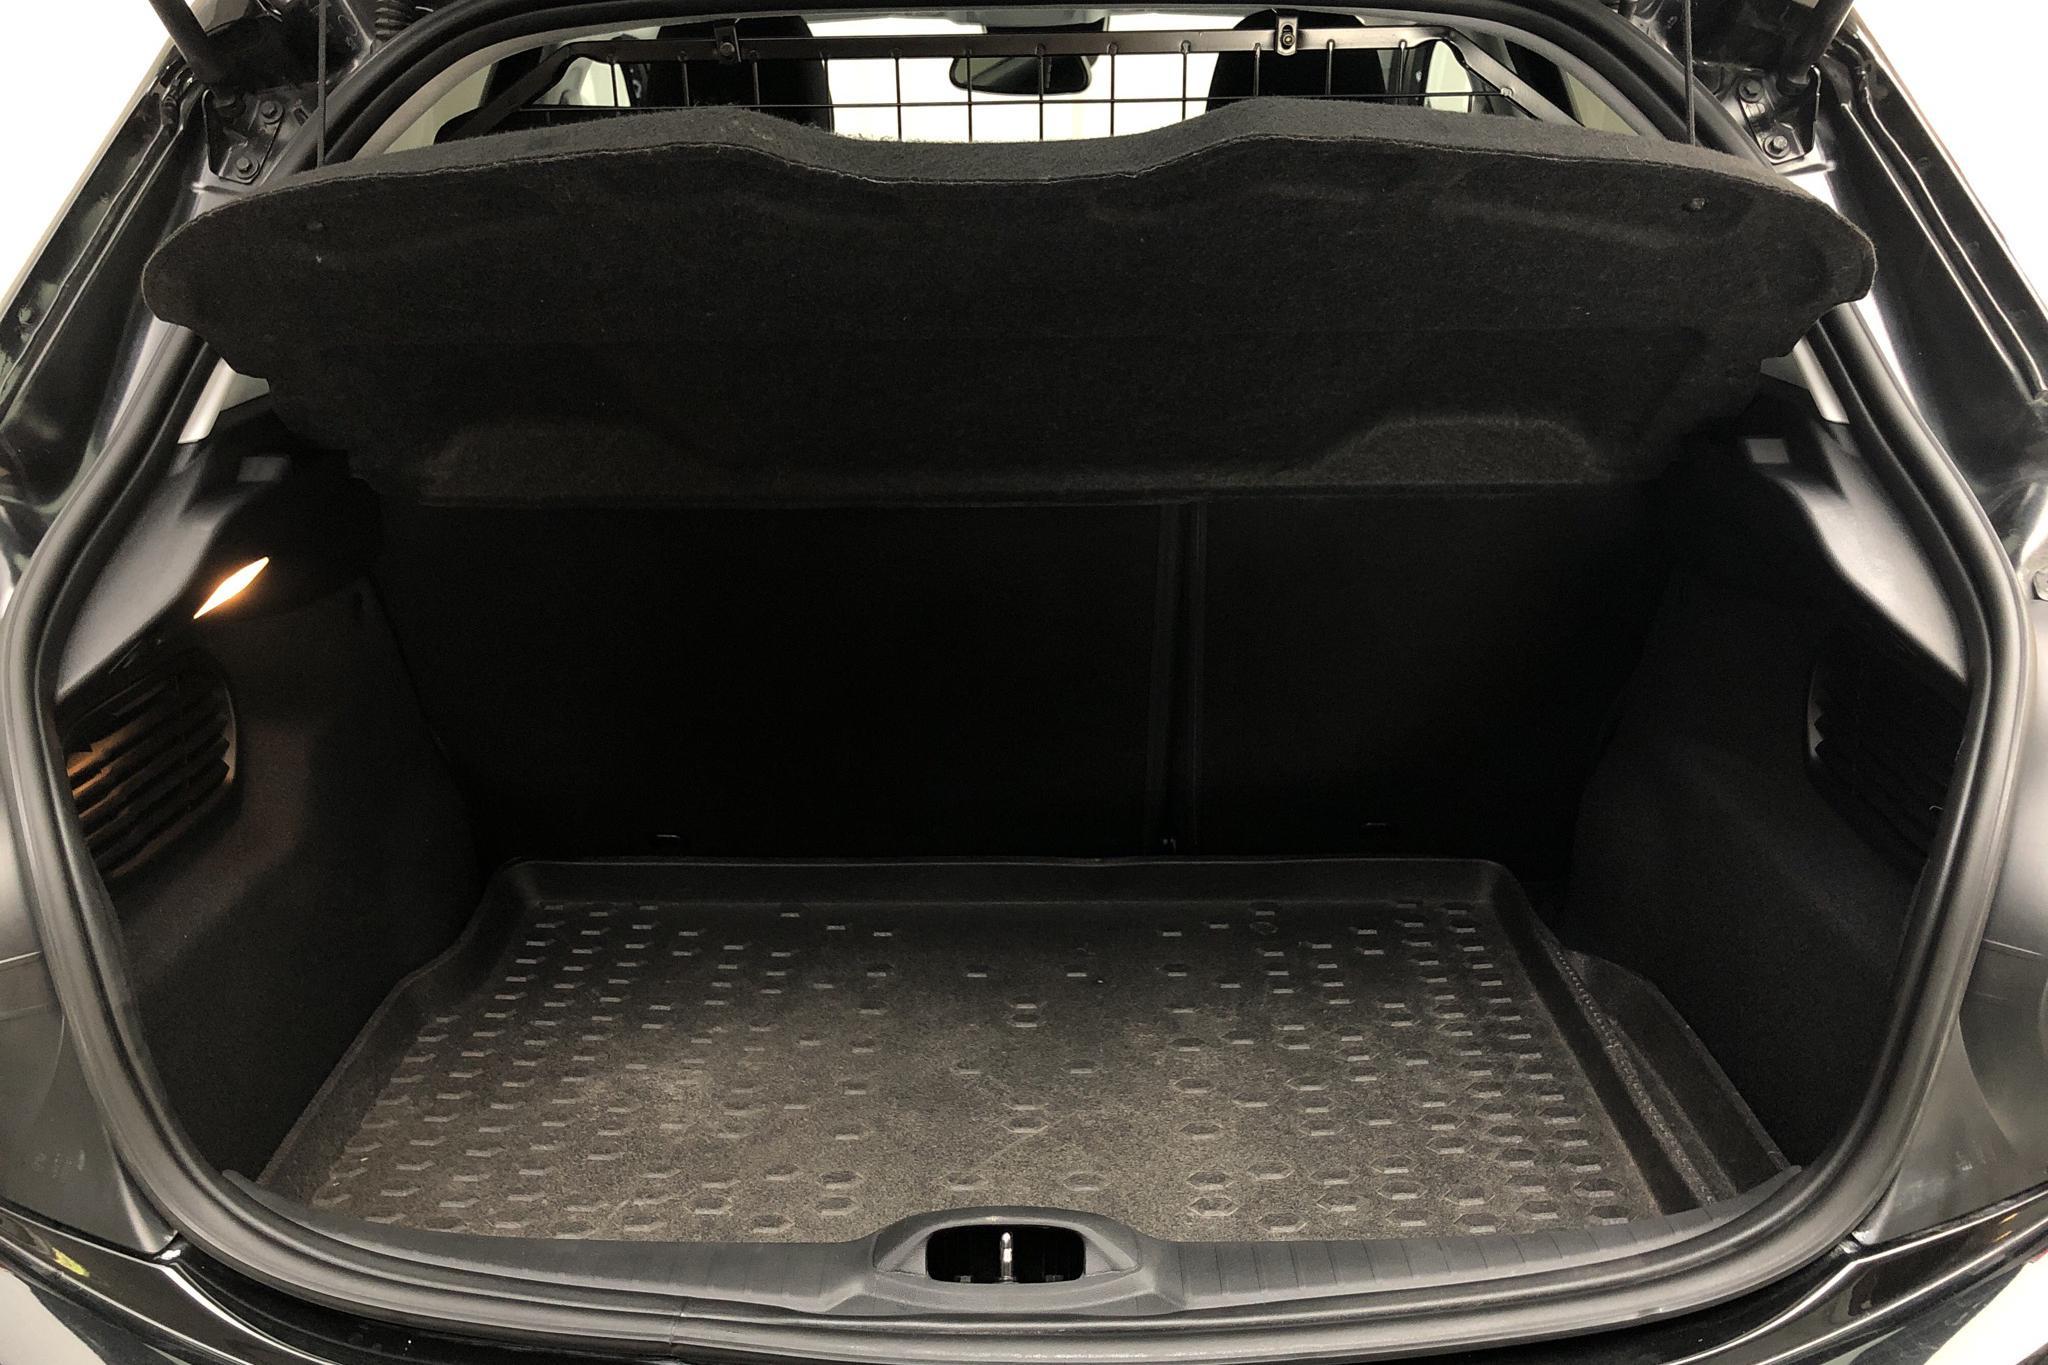 Peugeot 208 PureTech 5dr (82hk) - 3 479 mil - Automat - svart - 2016